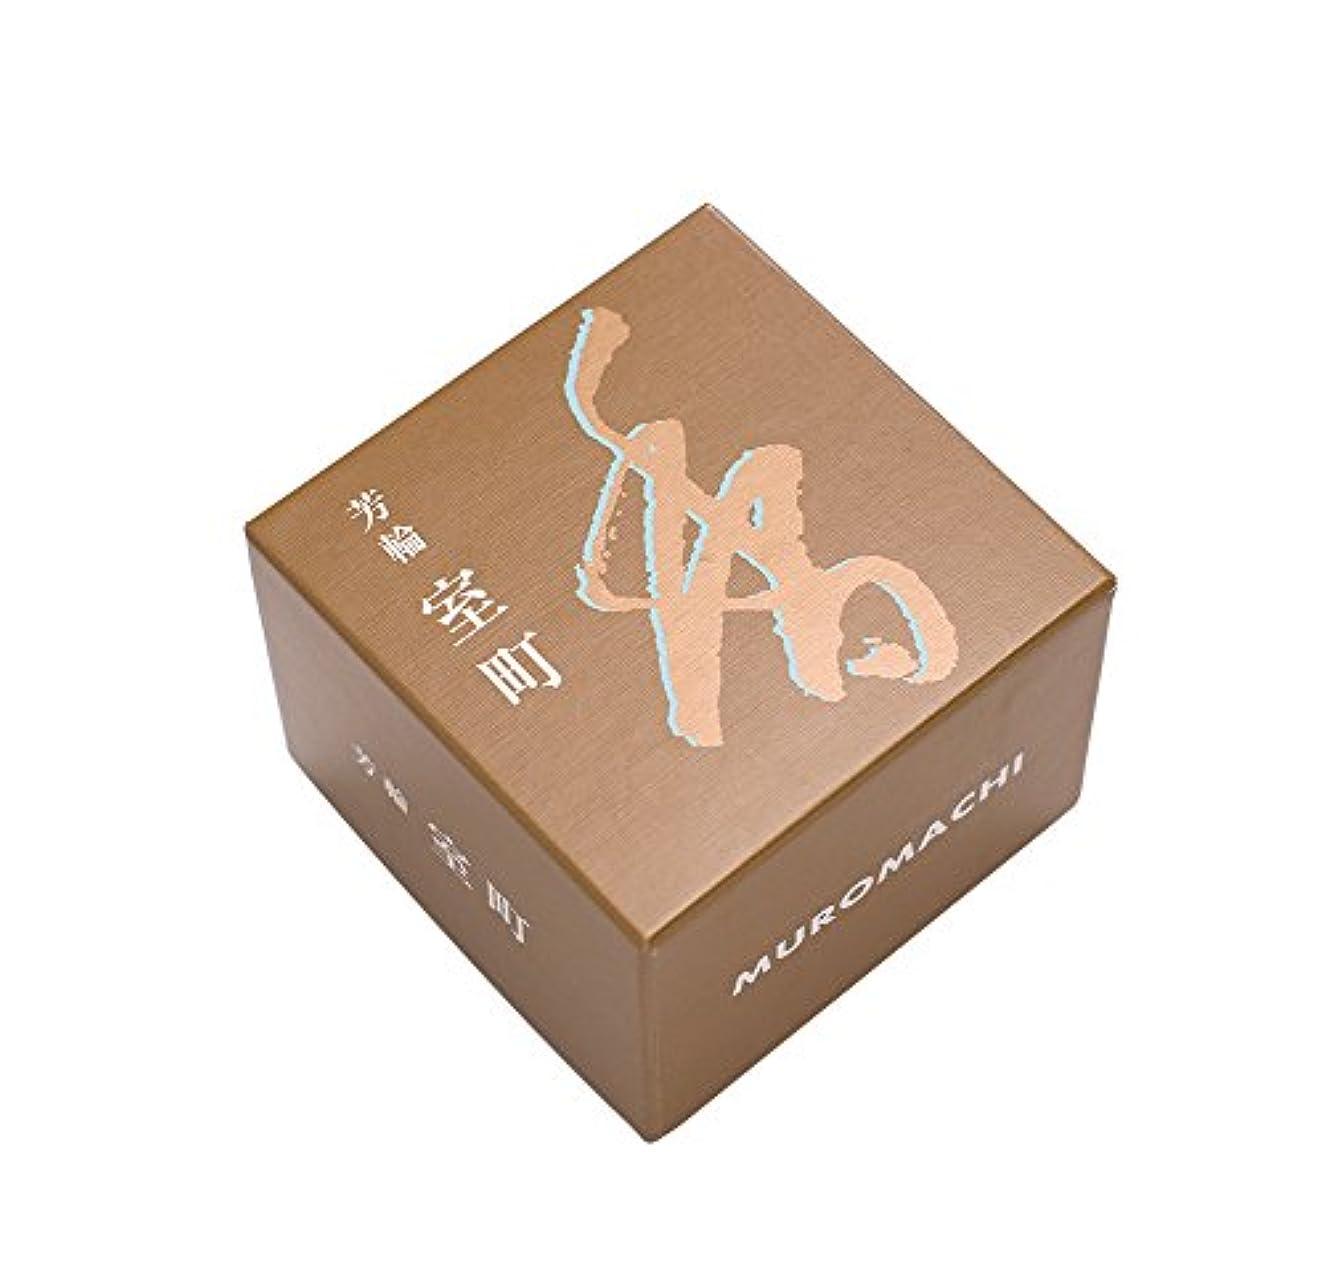 天皇指豊かな松栄堂のお香 芳輪室町 渦巻型10枚入 うてな角型付 #210421